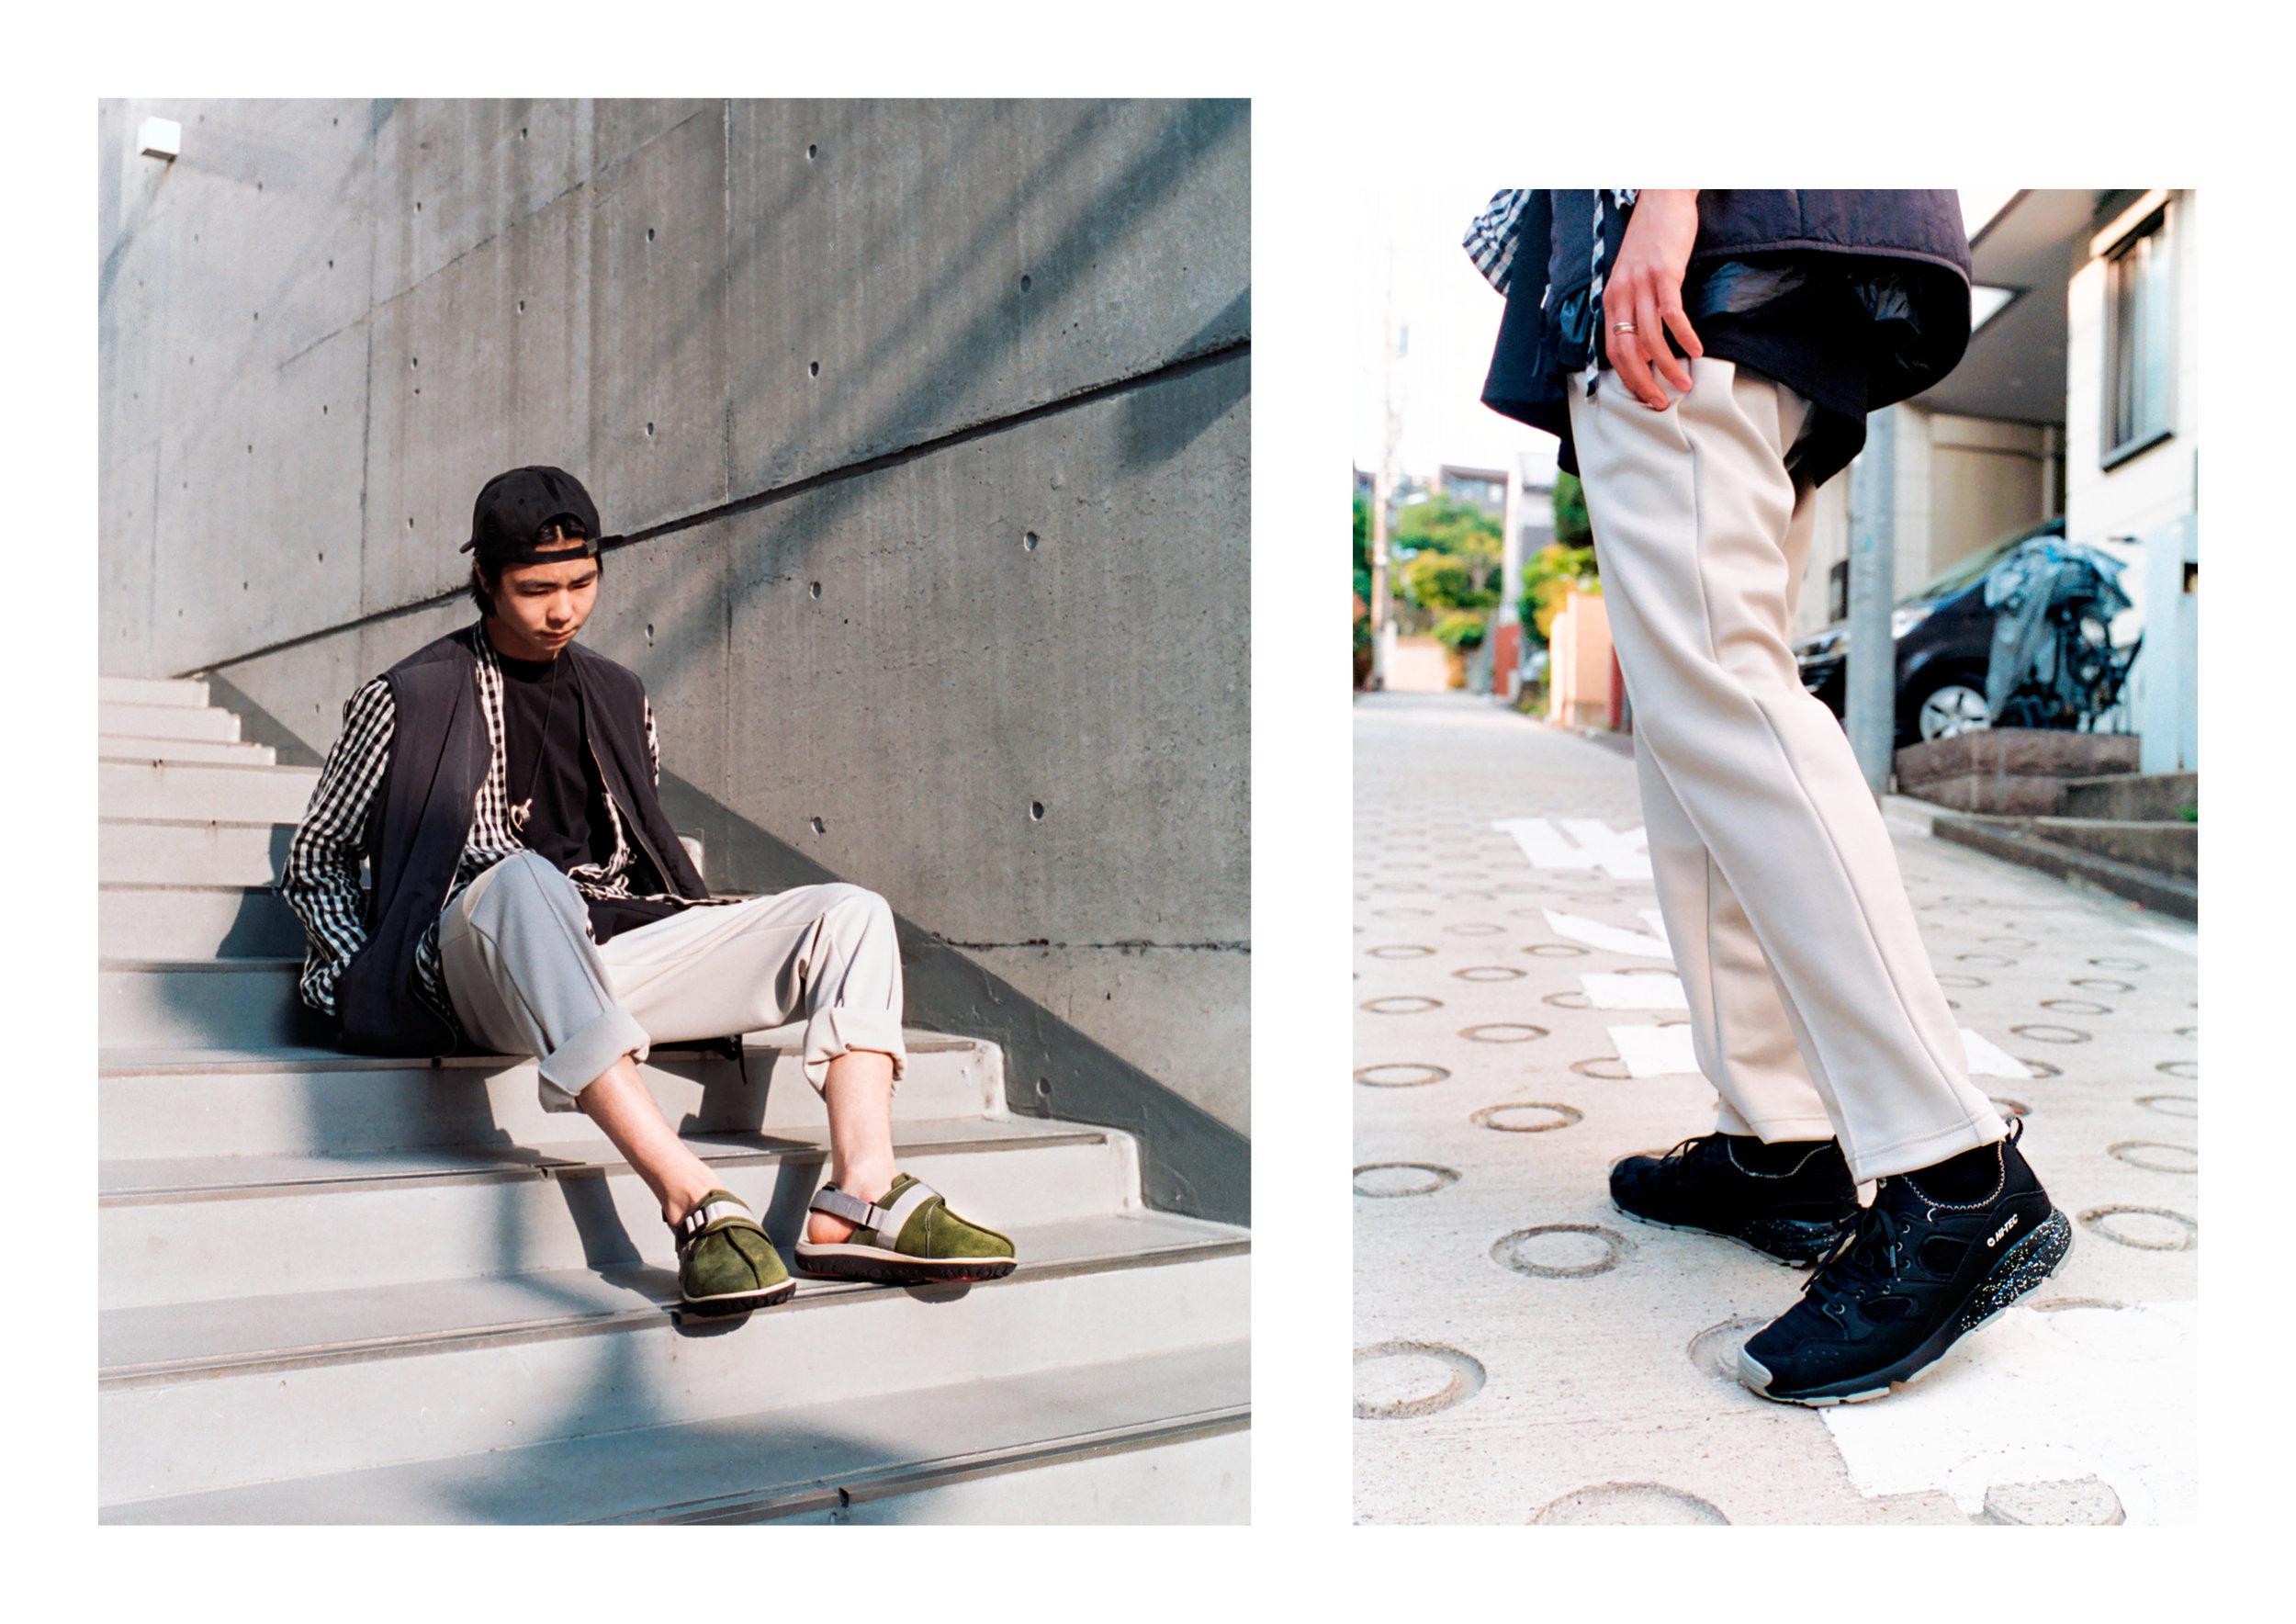 Jacket - Arket, Shirt - Kapital, Pants - Hi Tec HTS74, Footwear - Hi Tec Japan, Hat - Norse Projects